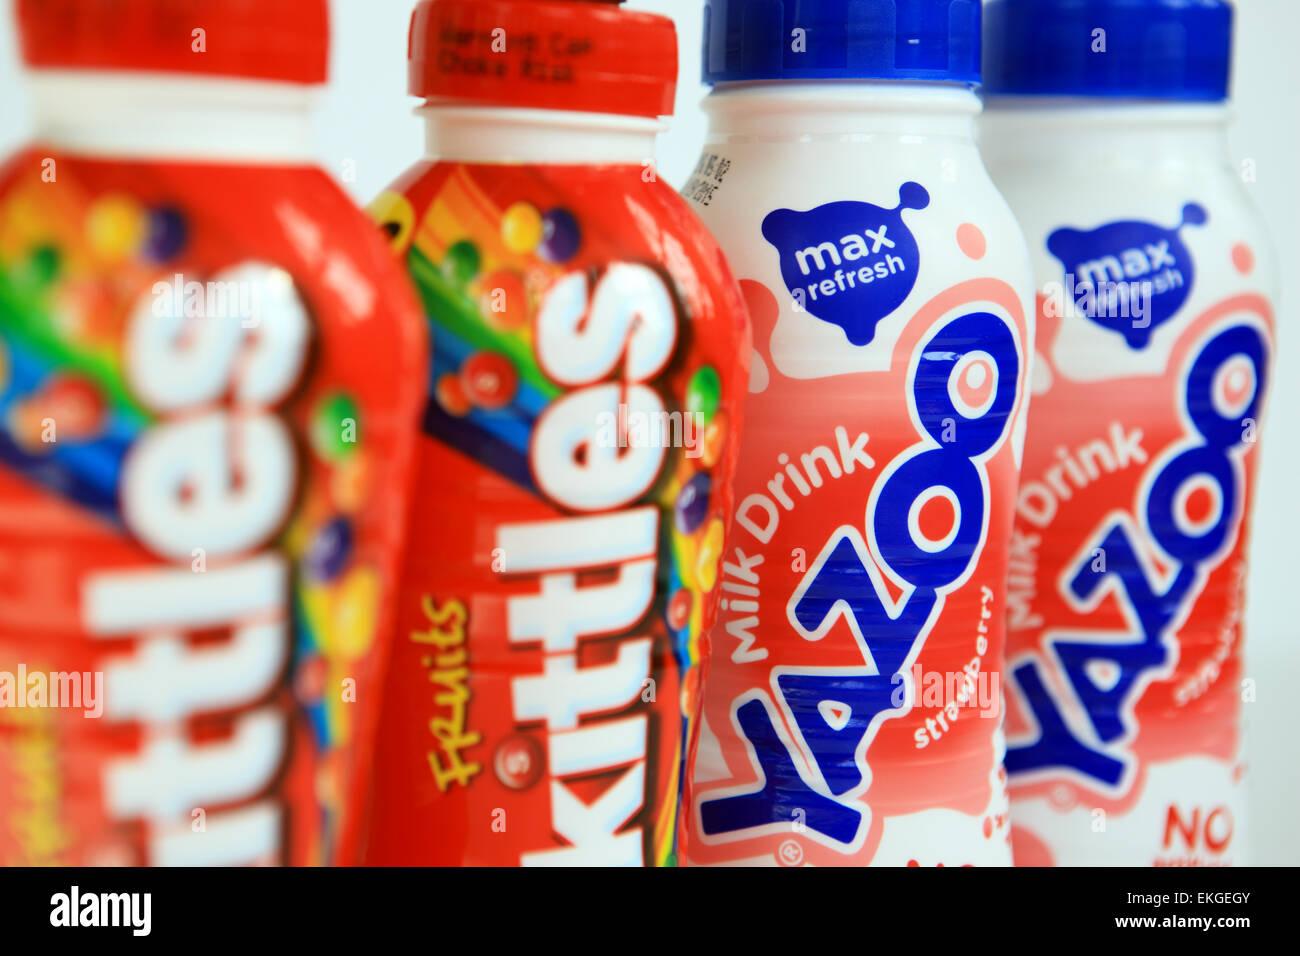 Bunte Obst und Milch Getränke in PET-Flaschen Stockfoto, Bild ...